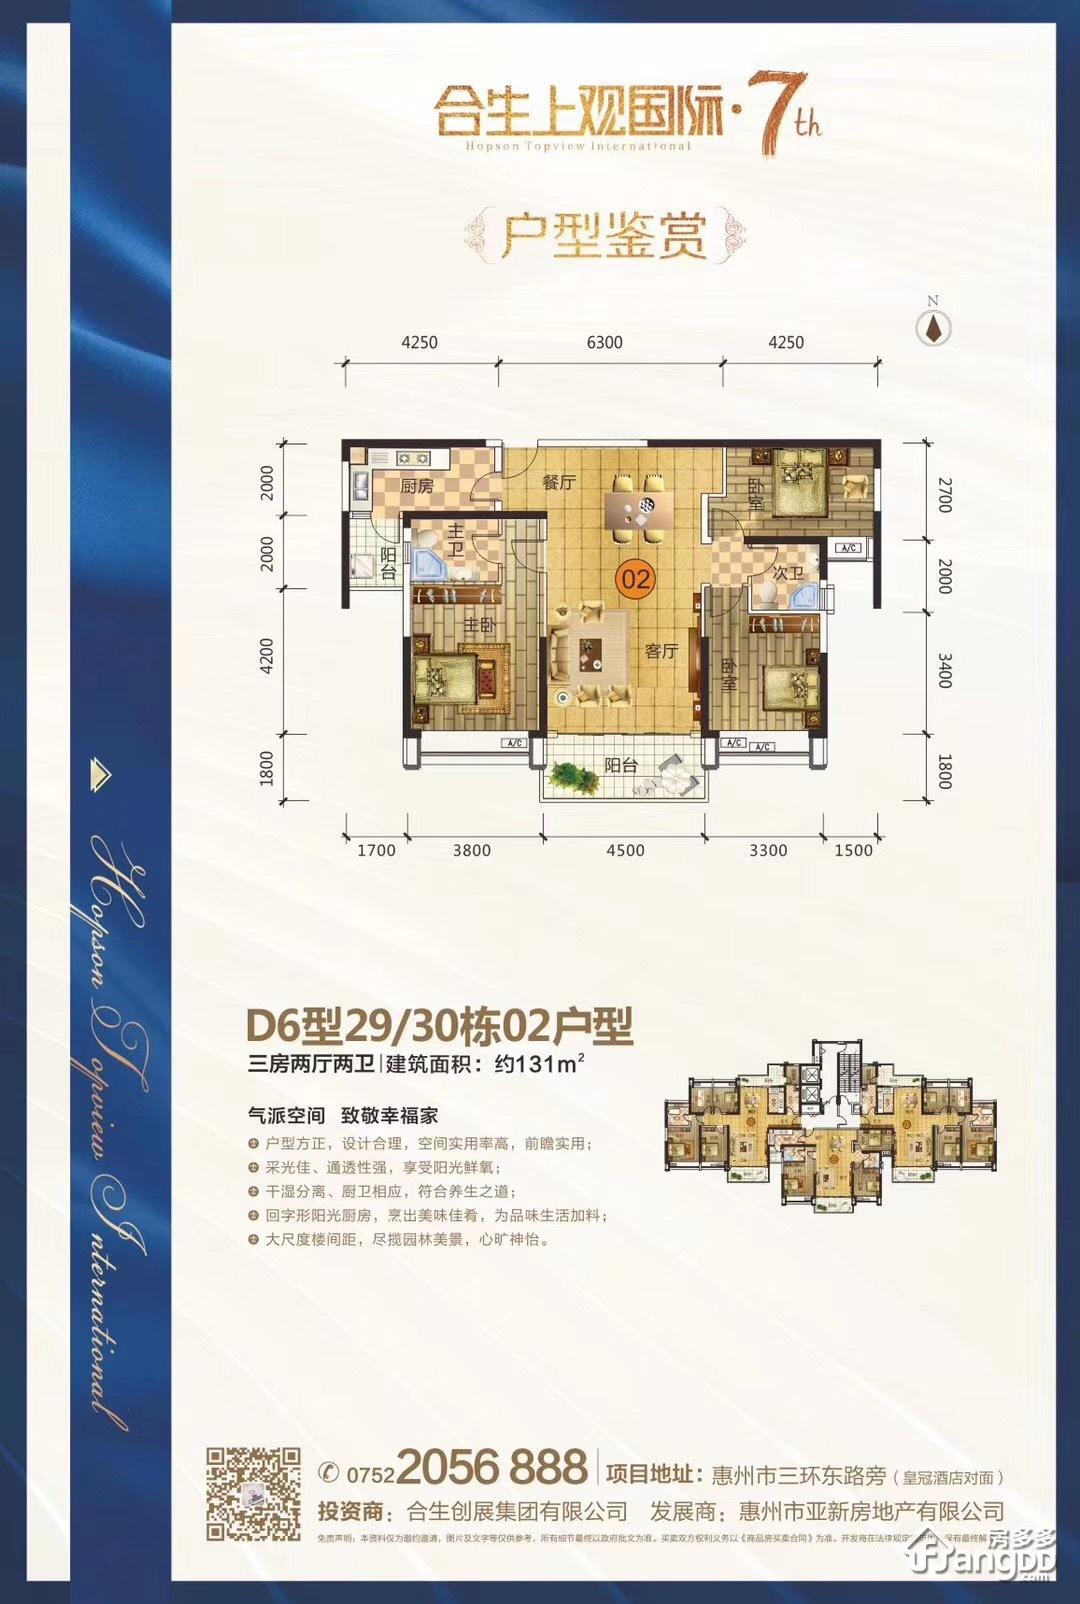 合生上观国际3室2厅2卫户型图